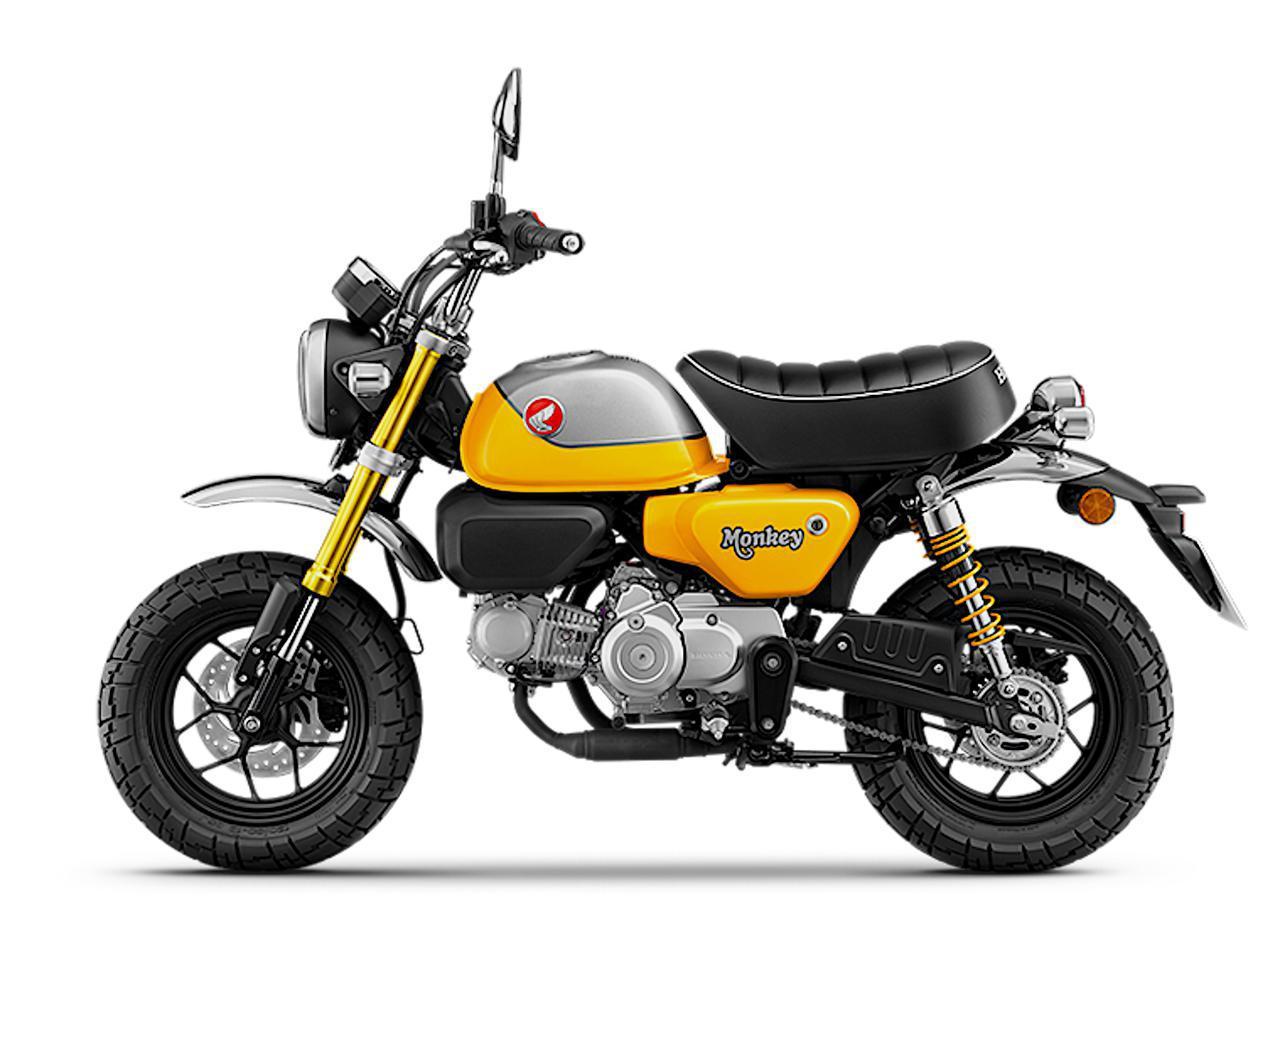 画像: ホンダ新型「モンキー125」情報 - webオートバイ